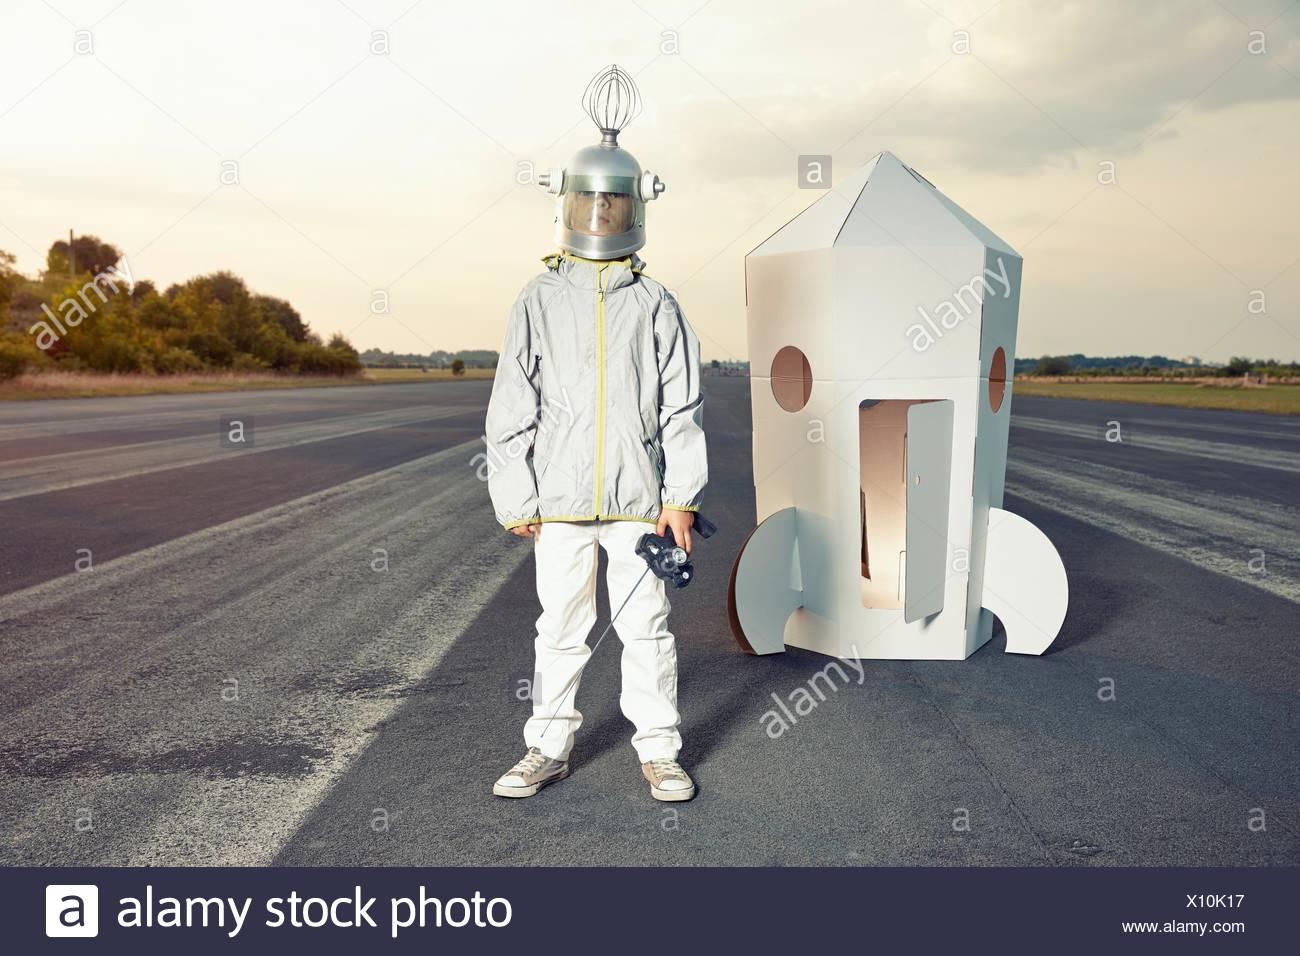 Junge verkleidet als Raumfahrer stehend auf Pappe Rakete Stockbild